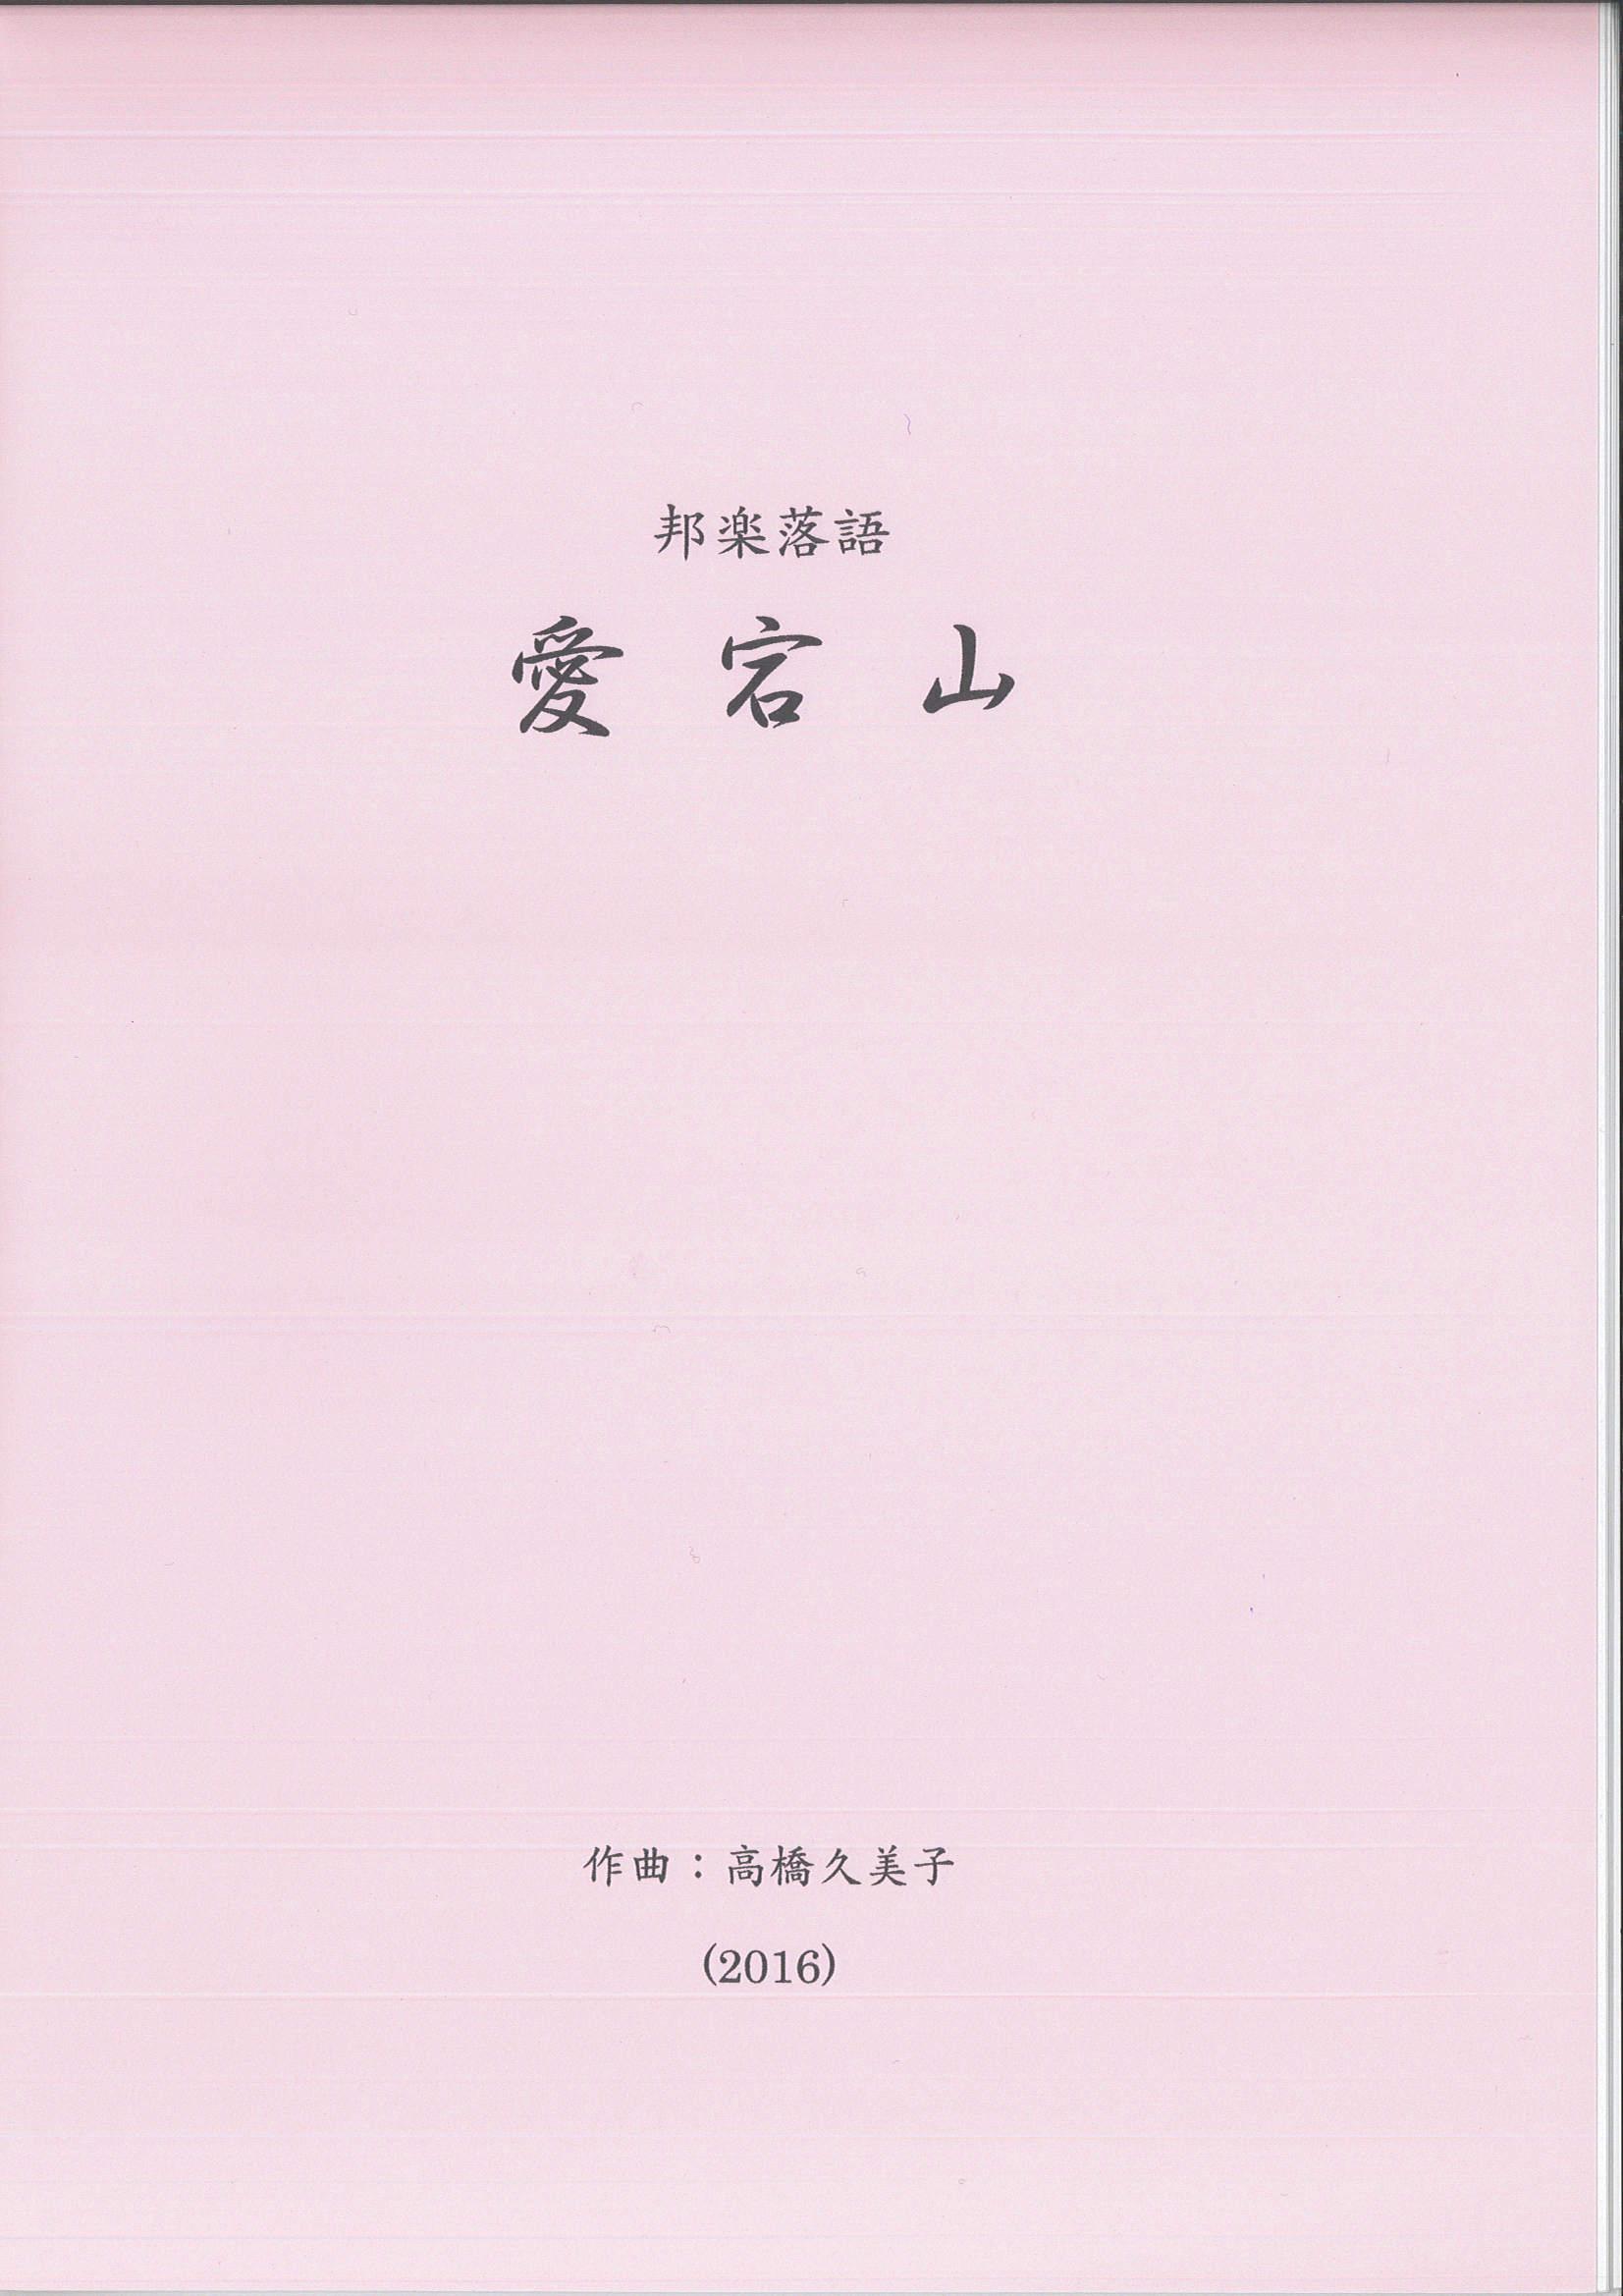 五線譜 邦楽落語 愛宕山[5623]